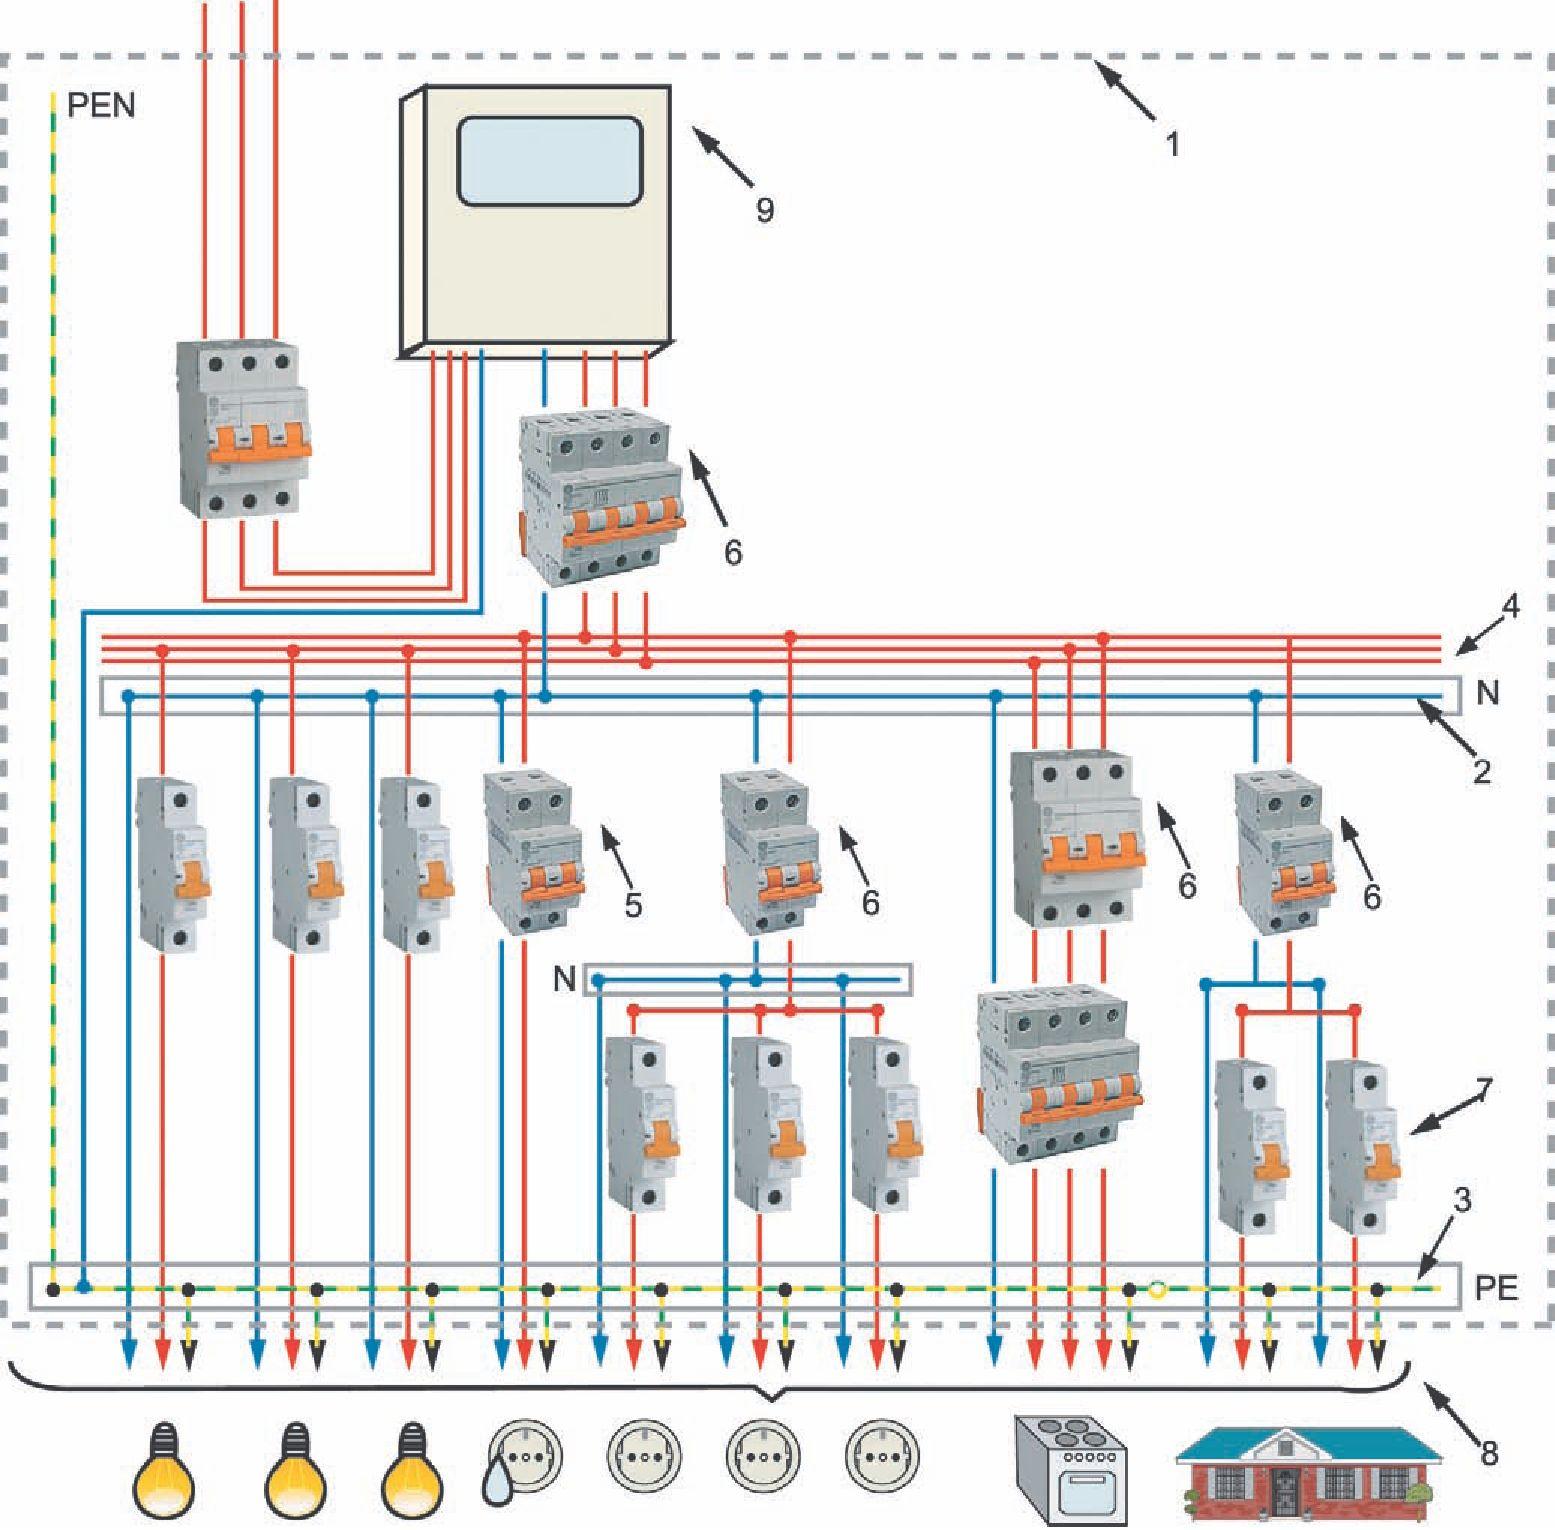 схема электро цепи в доме